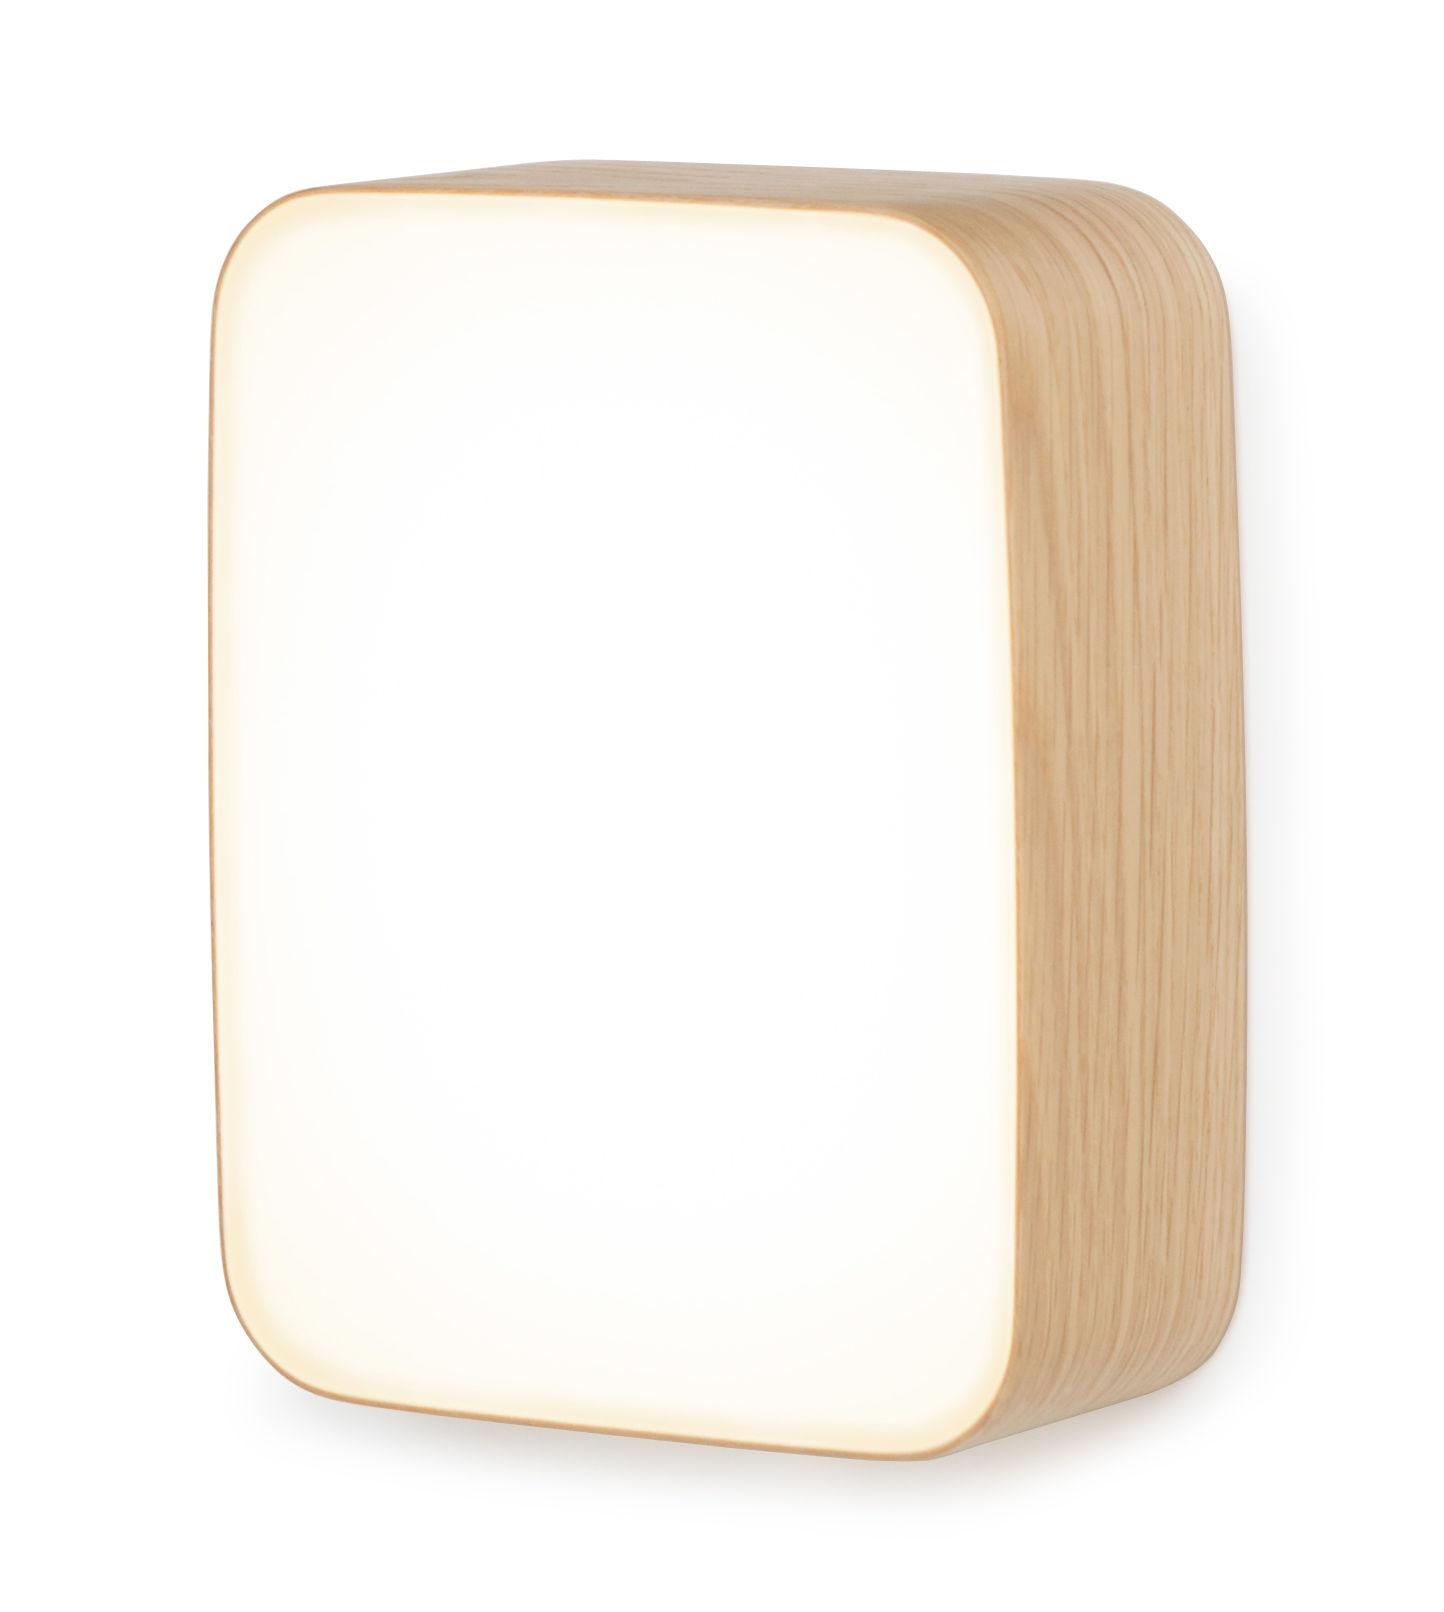 Leuchten - Wandleuchten - Cube Small Wandleuchte / LED - H 16,5 cm - Tunto - H 16,5 cm / Eiche - Polypropylen